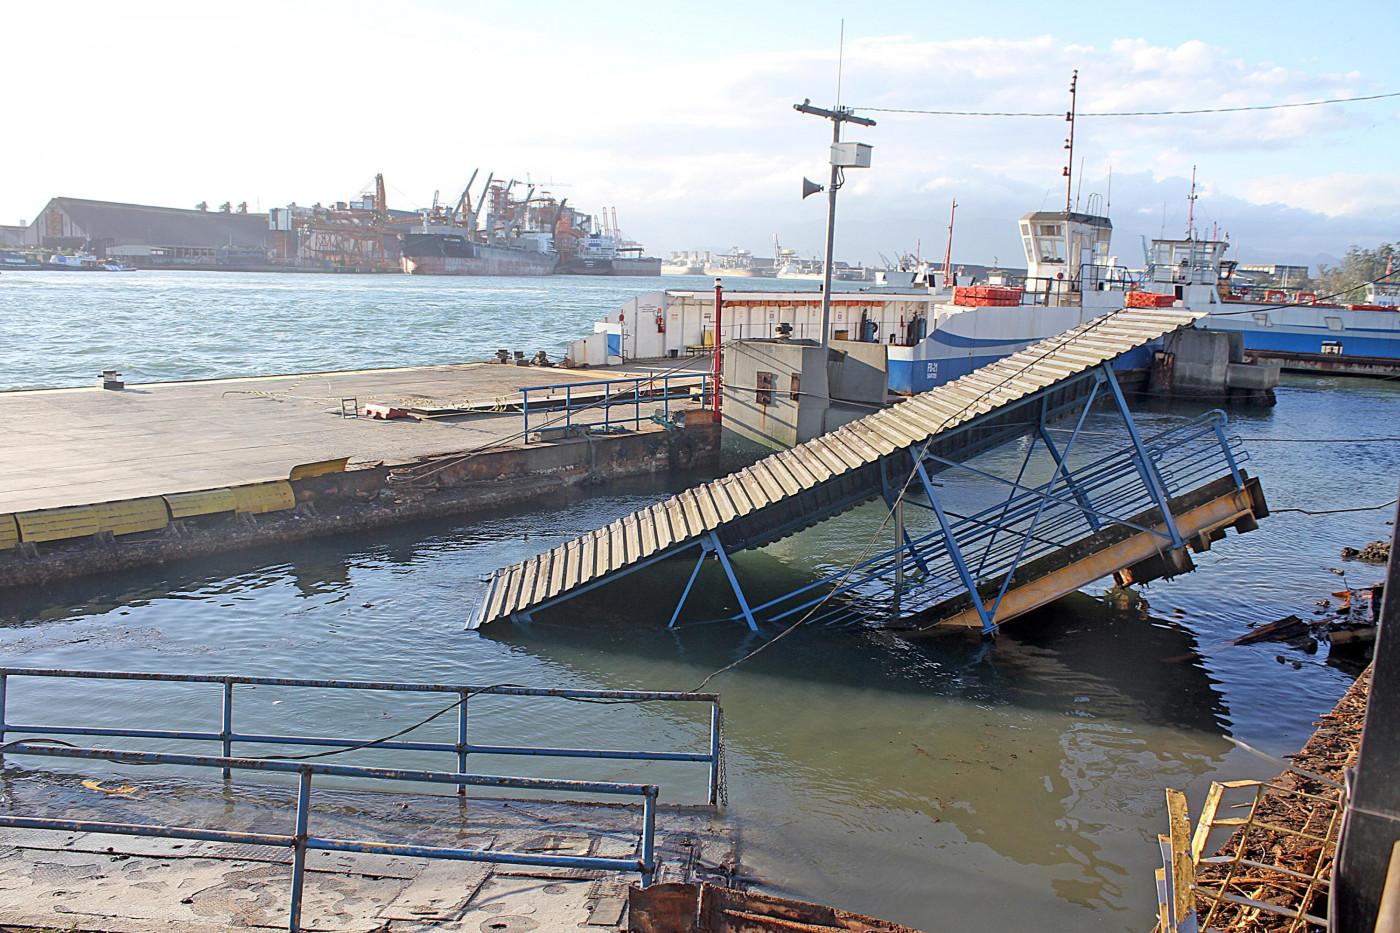 Plataforma de embarque ficou destruída